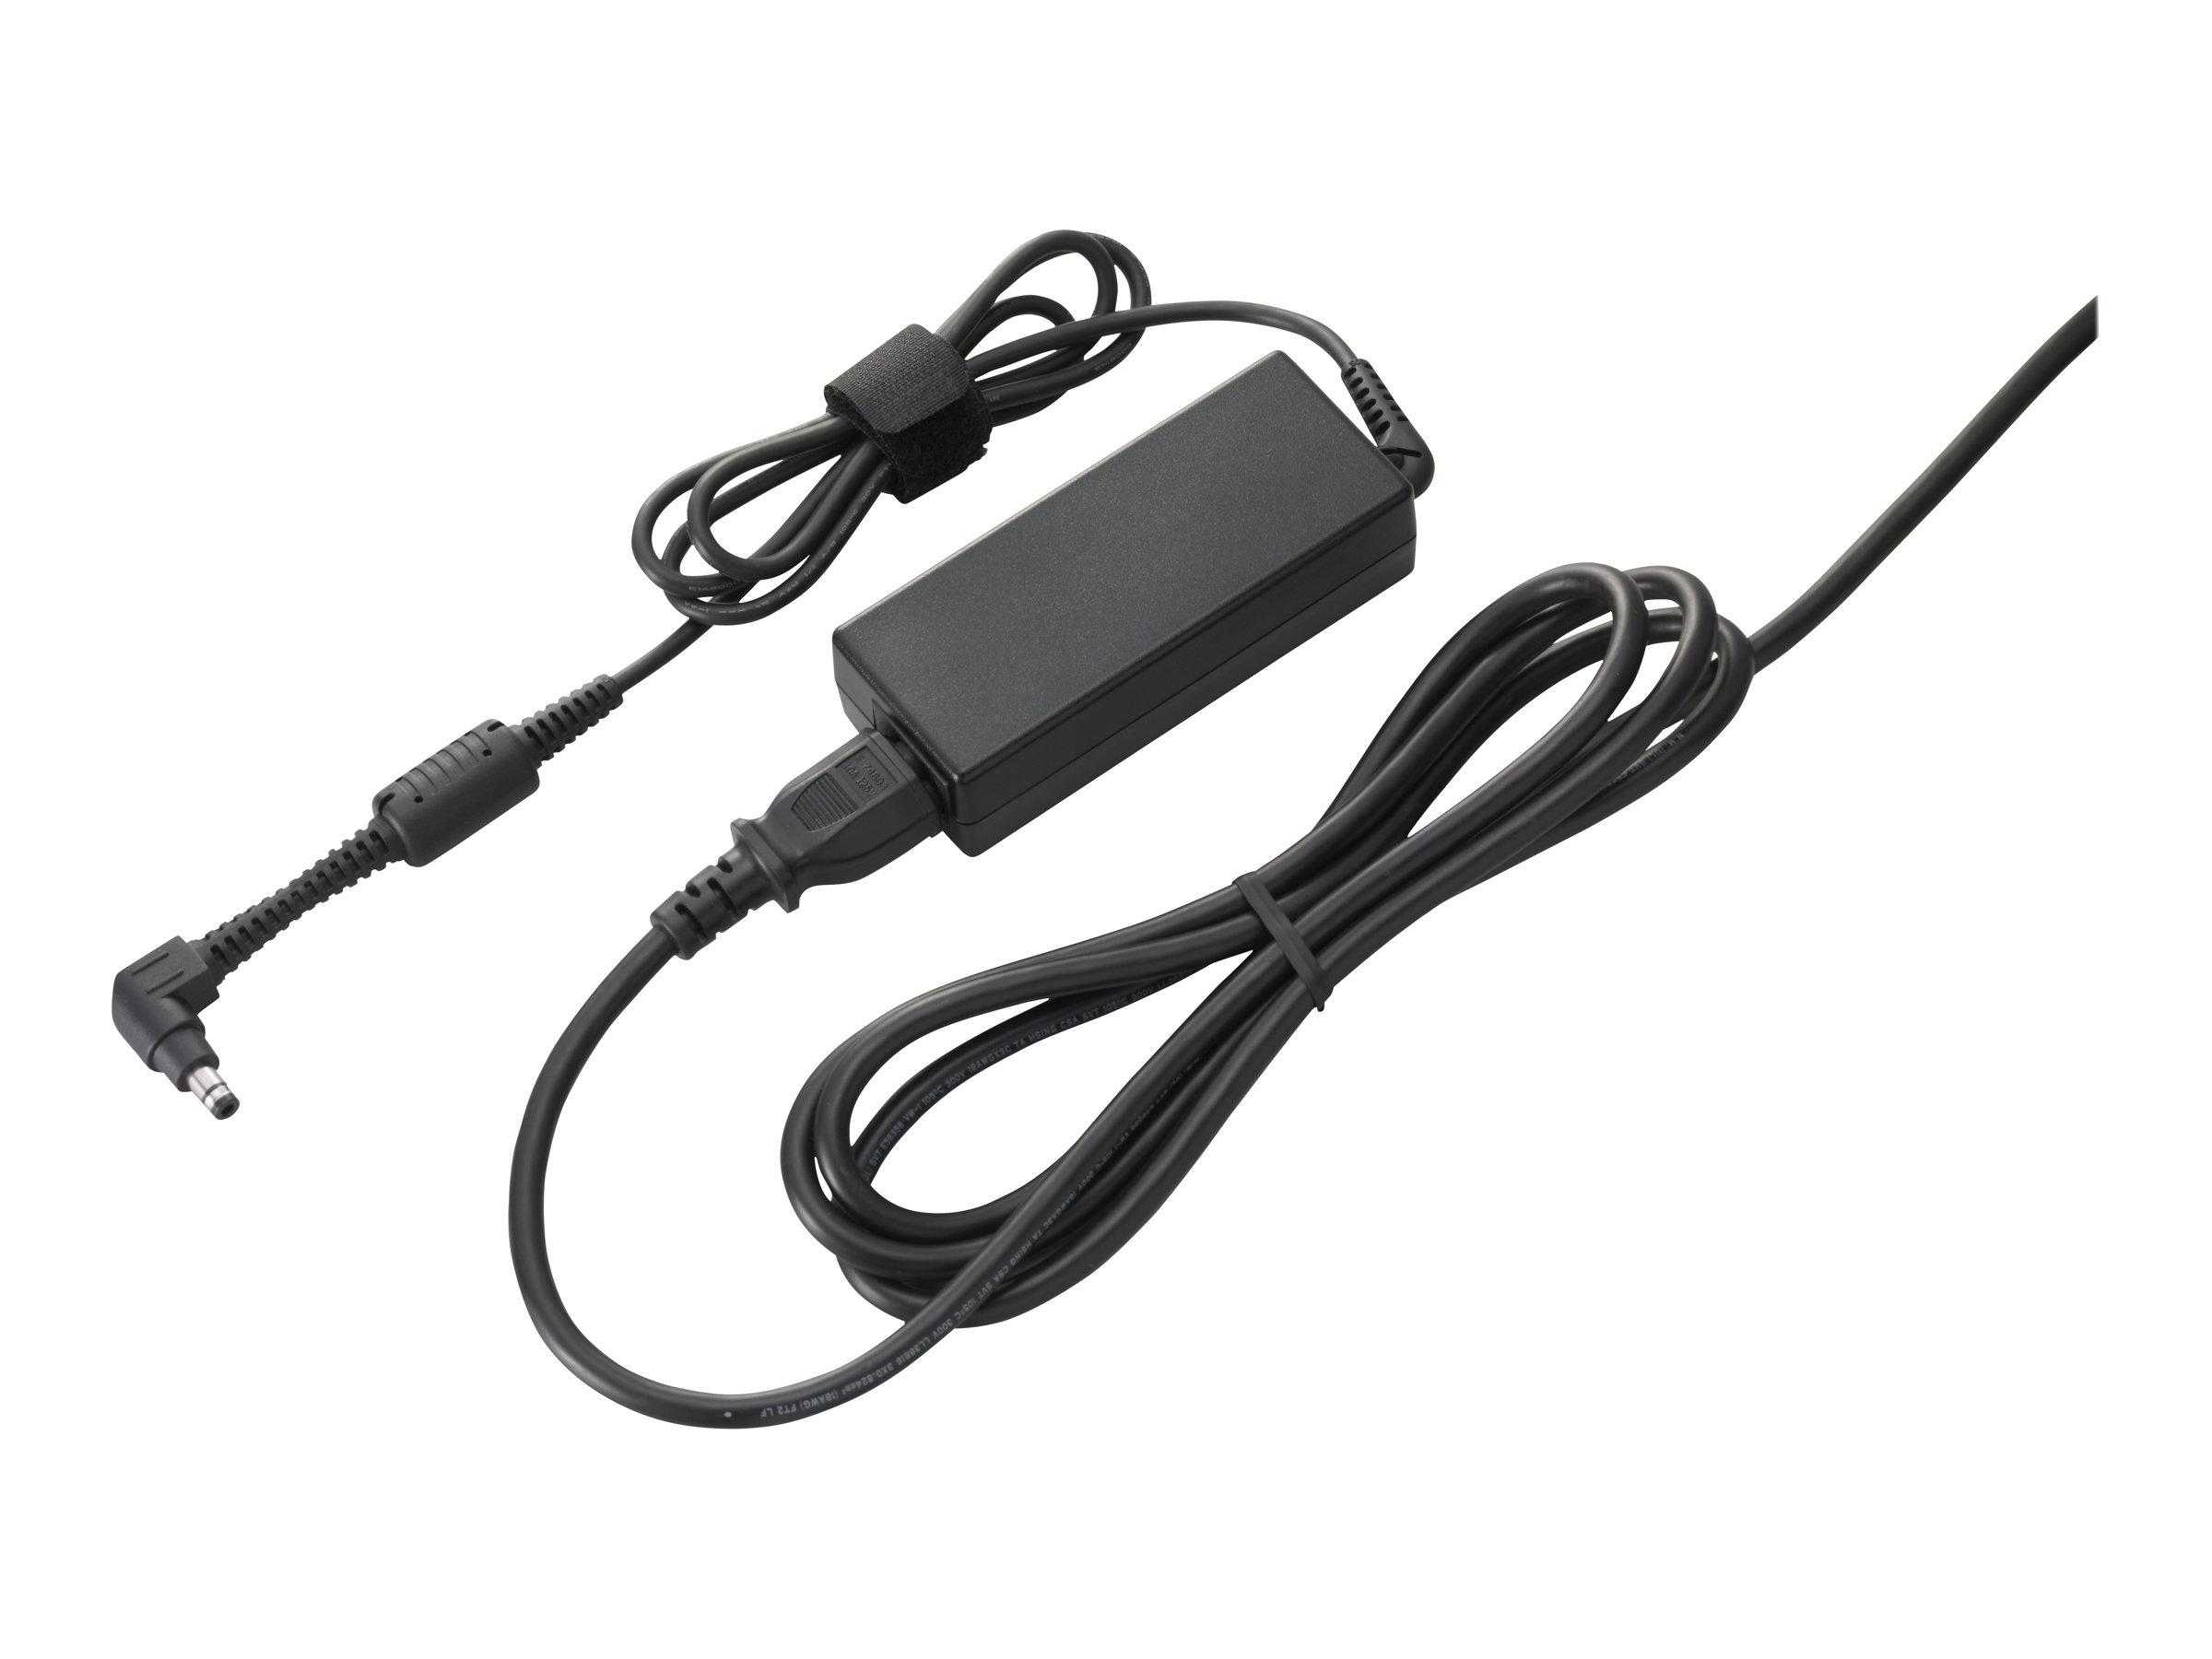 Panasonic - Netzteil - Wechselstrom 100-240 V - Europa - für Panasonic Toughbook C2 (Mk1)